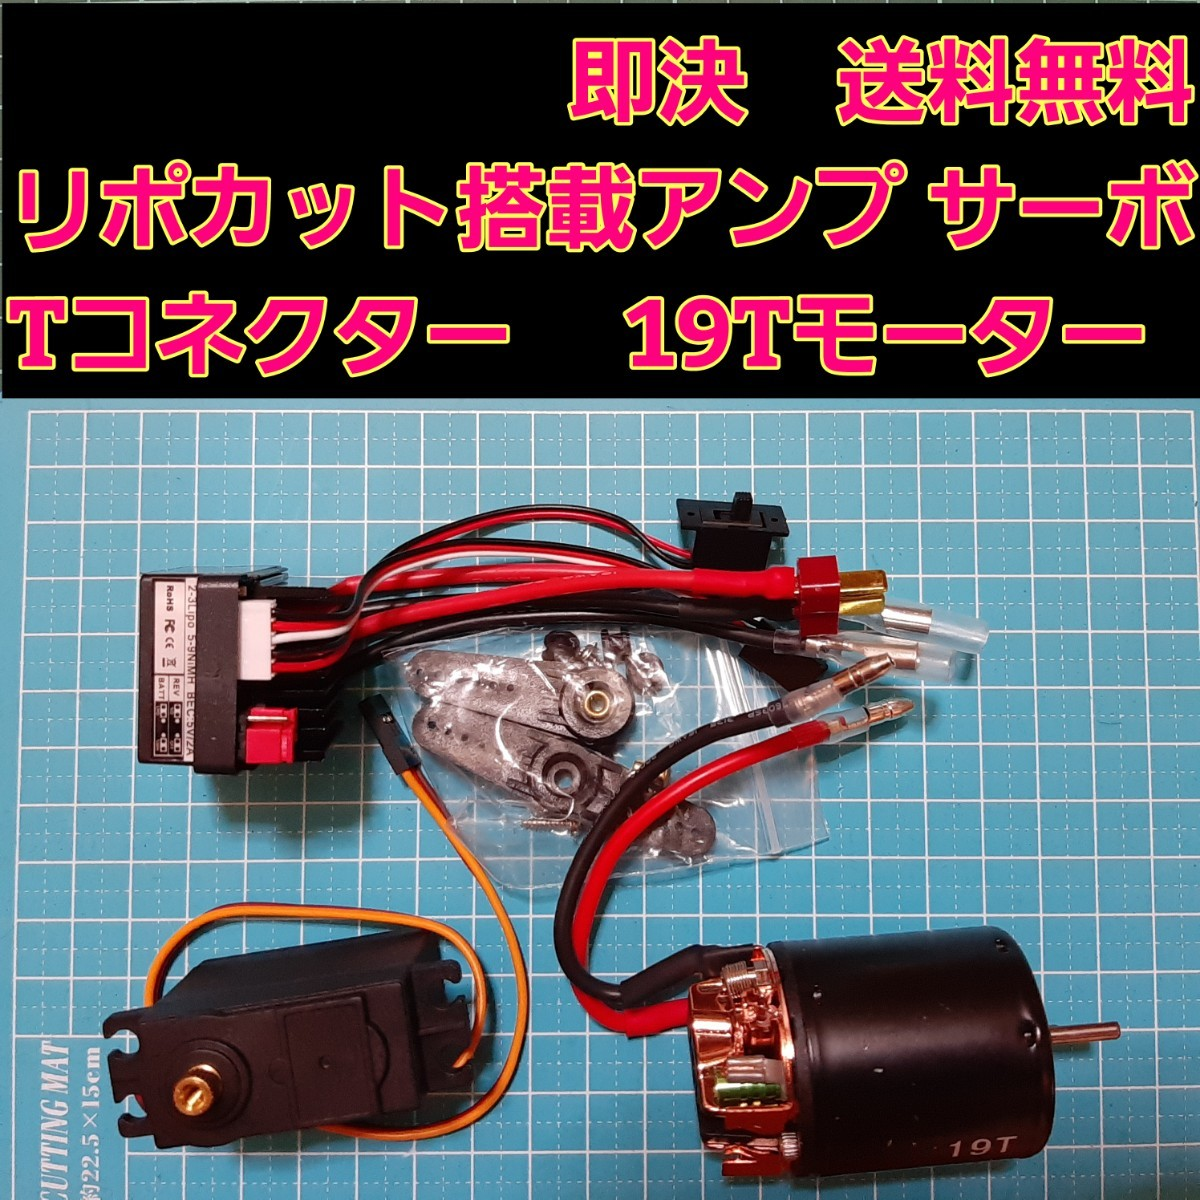 新品 ラジコン 用 アンプ ESC サーボ モーター ①   ドリパケ YD-2 tt01 tt02 ta 01 02 03 04